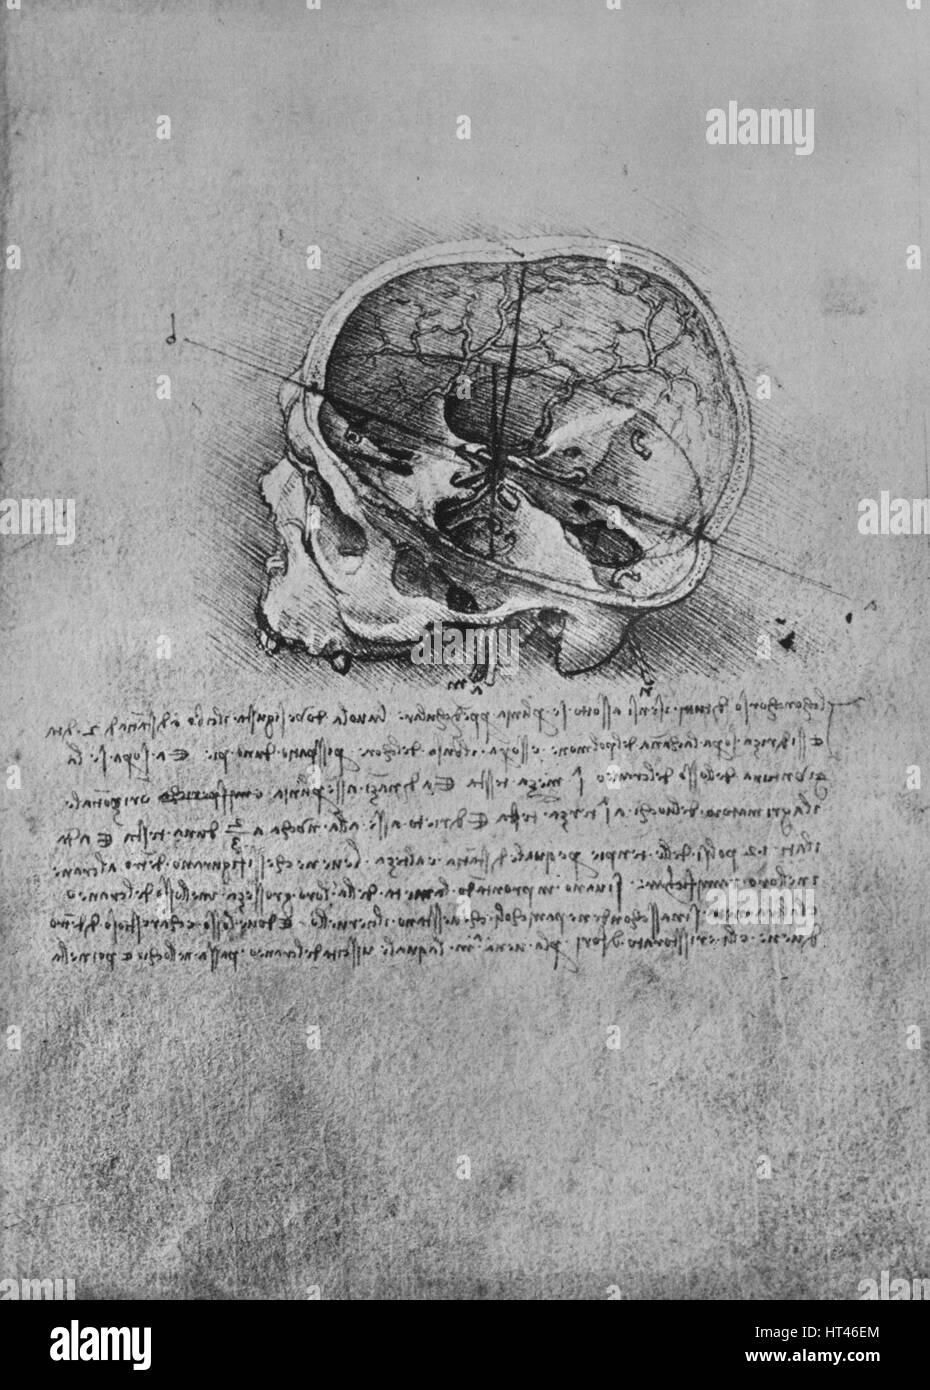 Anatomische Zeichnung von einem Schädel auf der linken Seite\